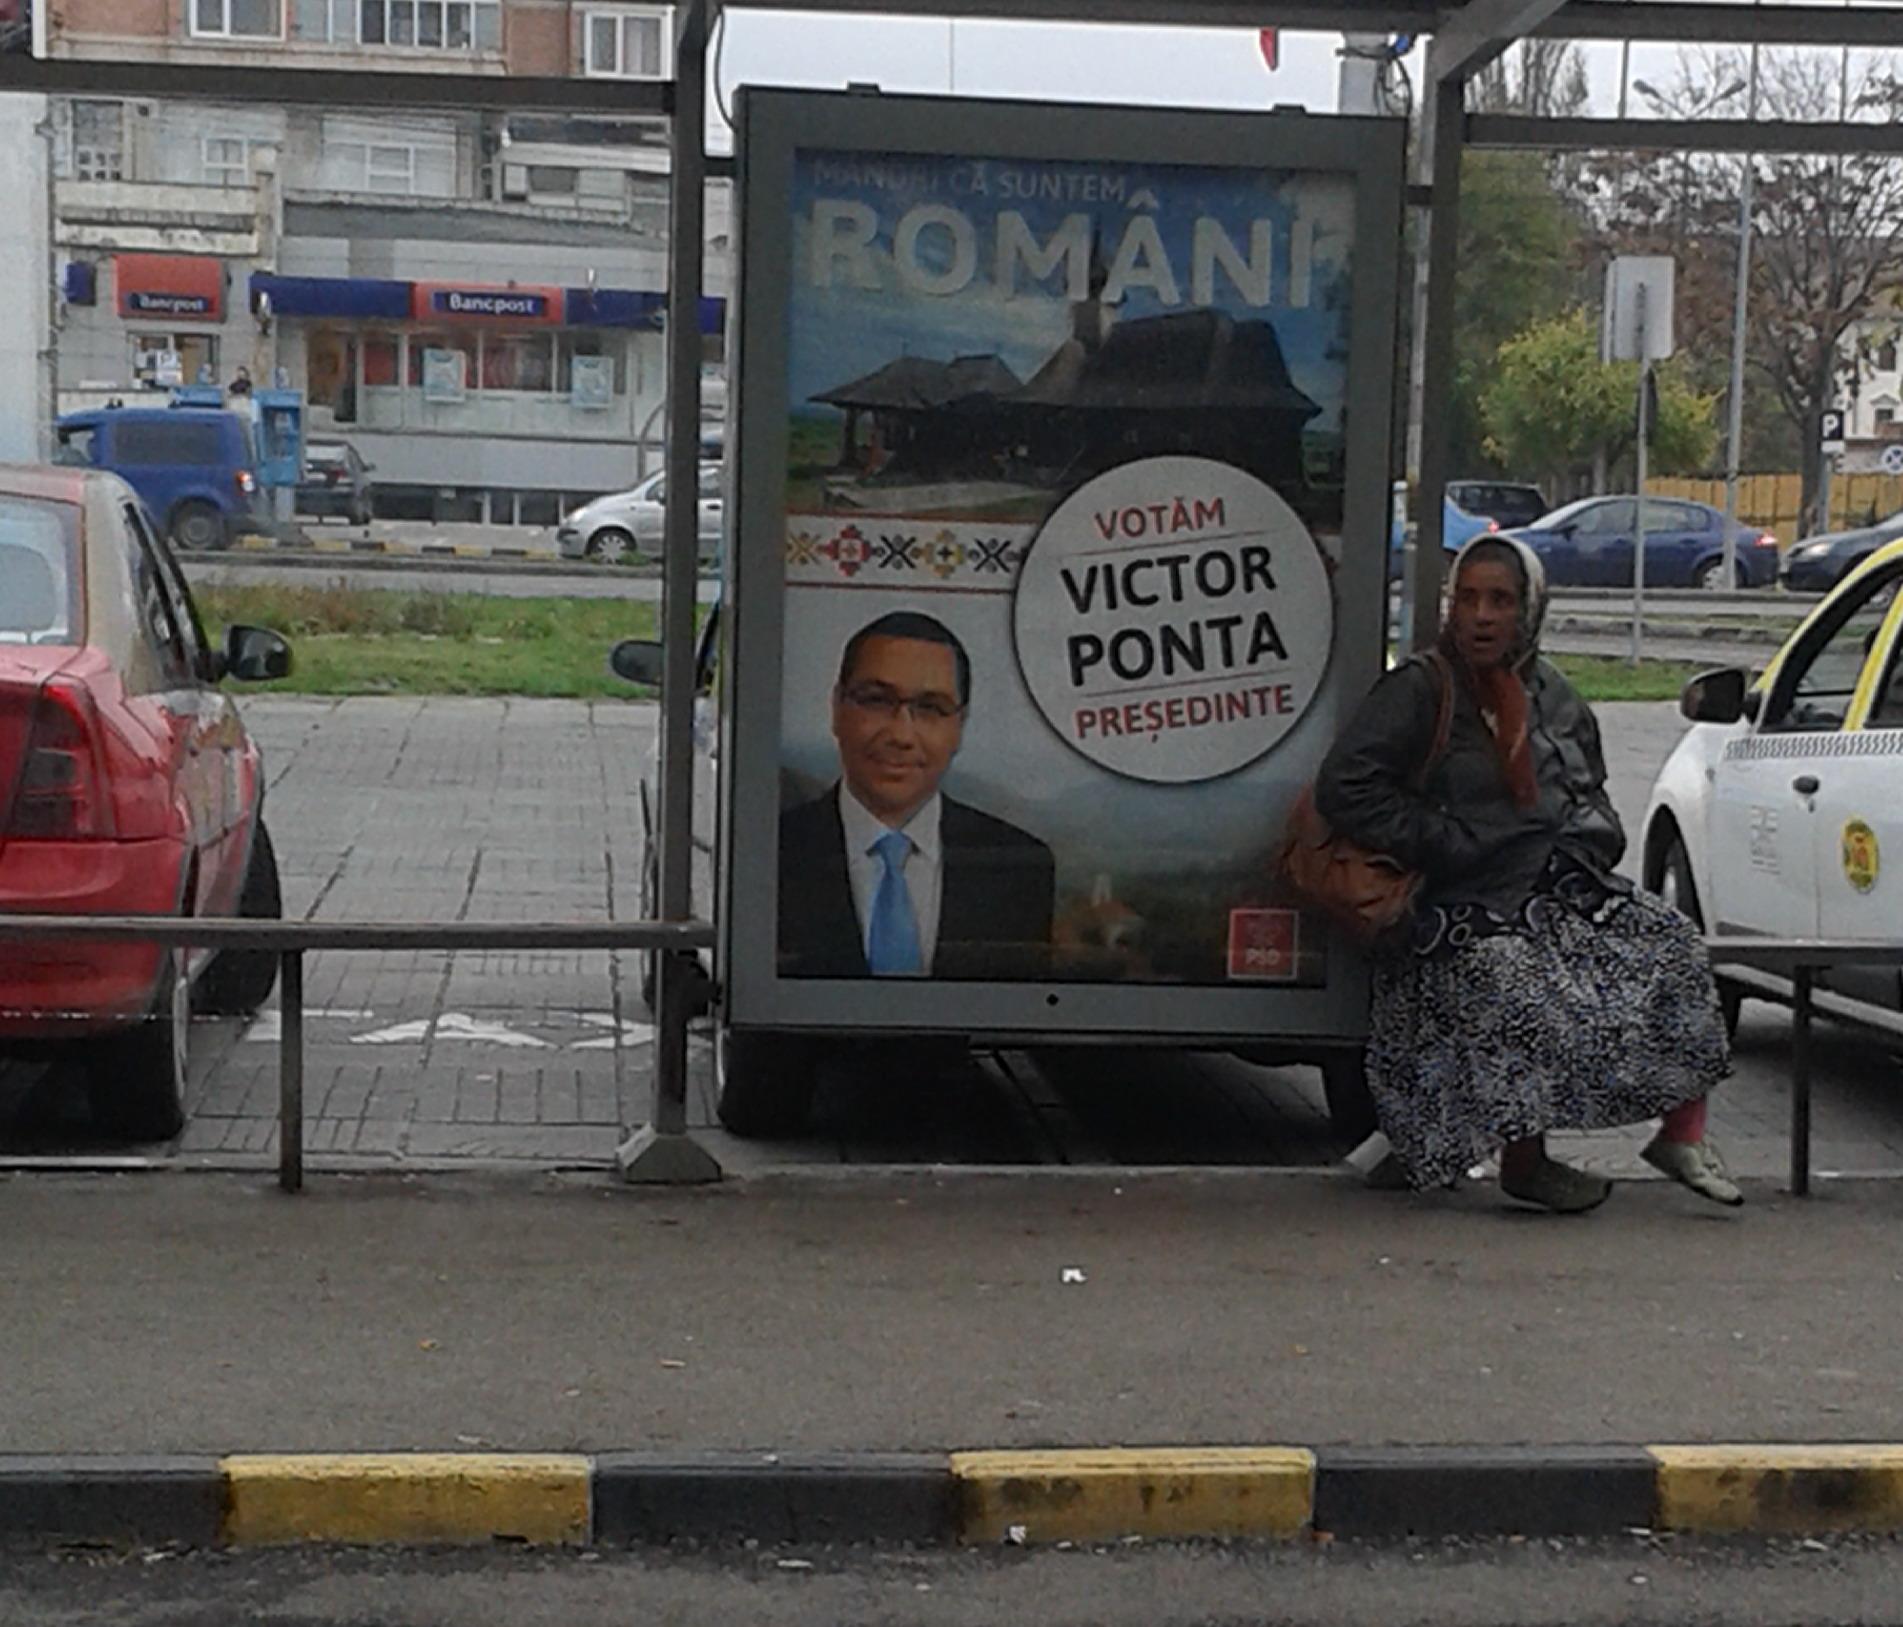 Rusztikus plakát, rusztikus választópolgár, rusztikus ország.